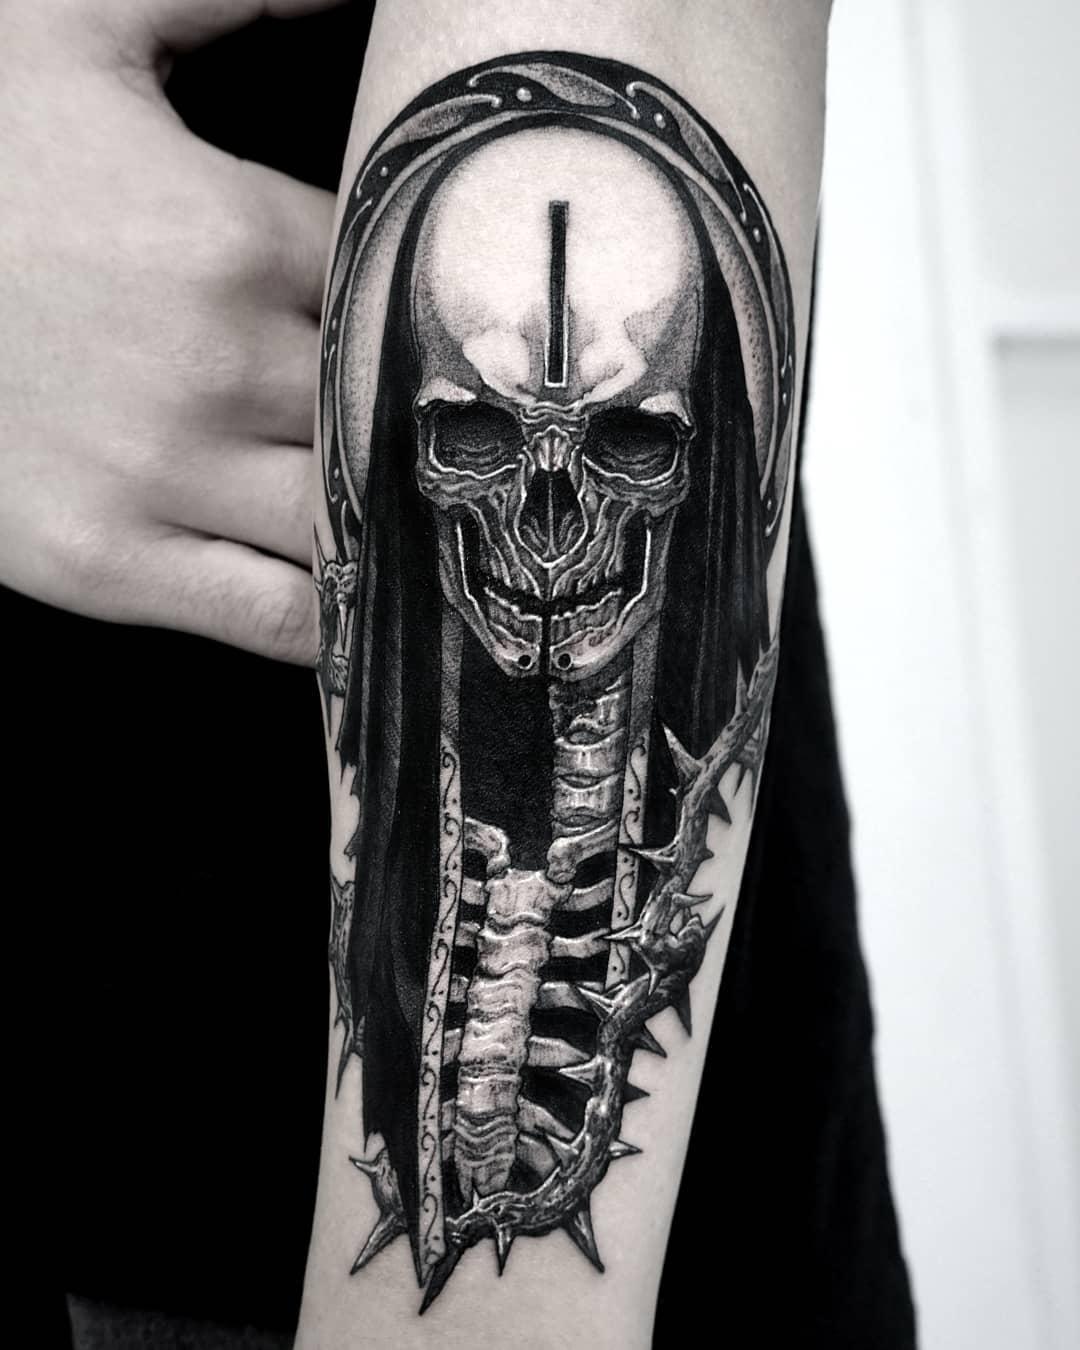 татуировка скелета на руке